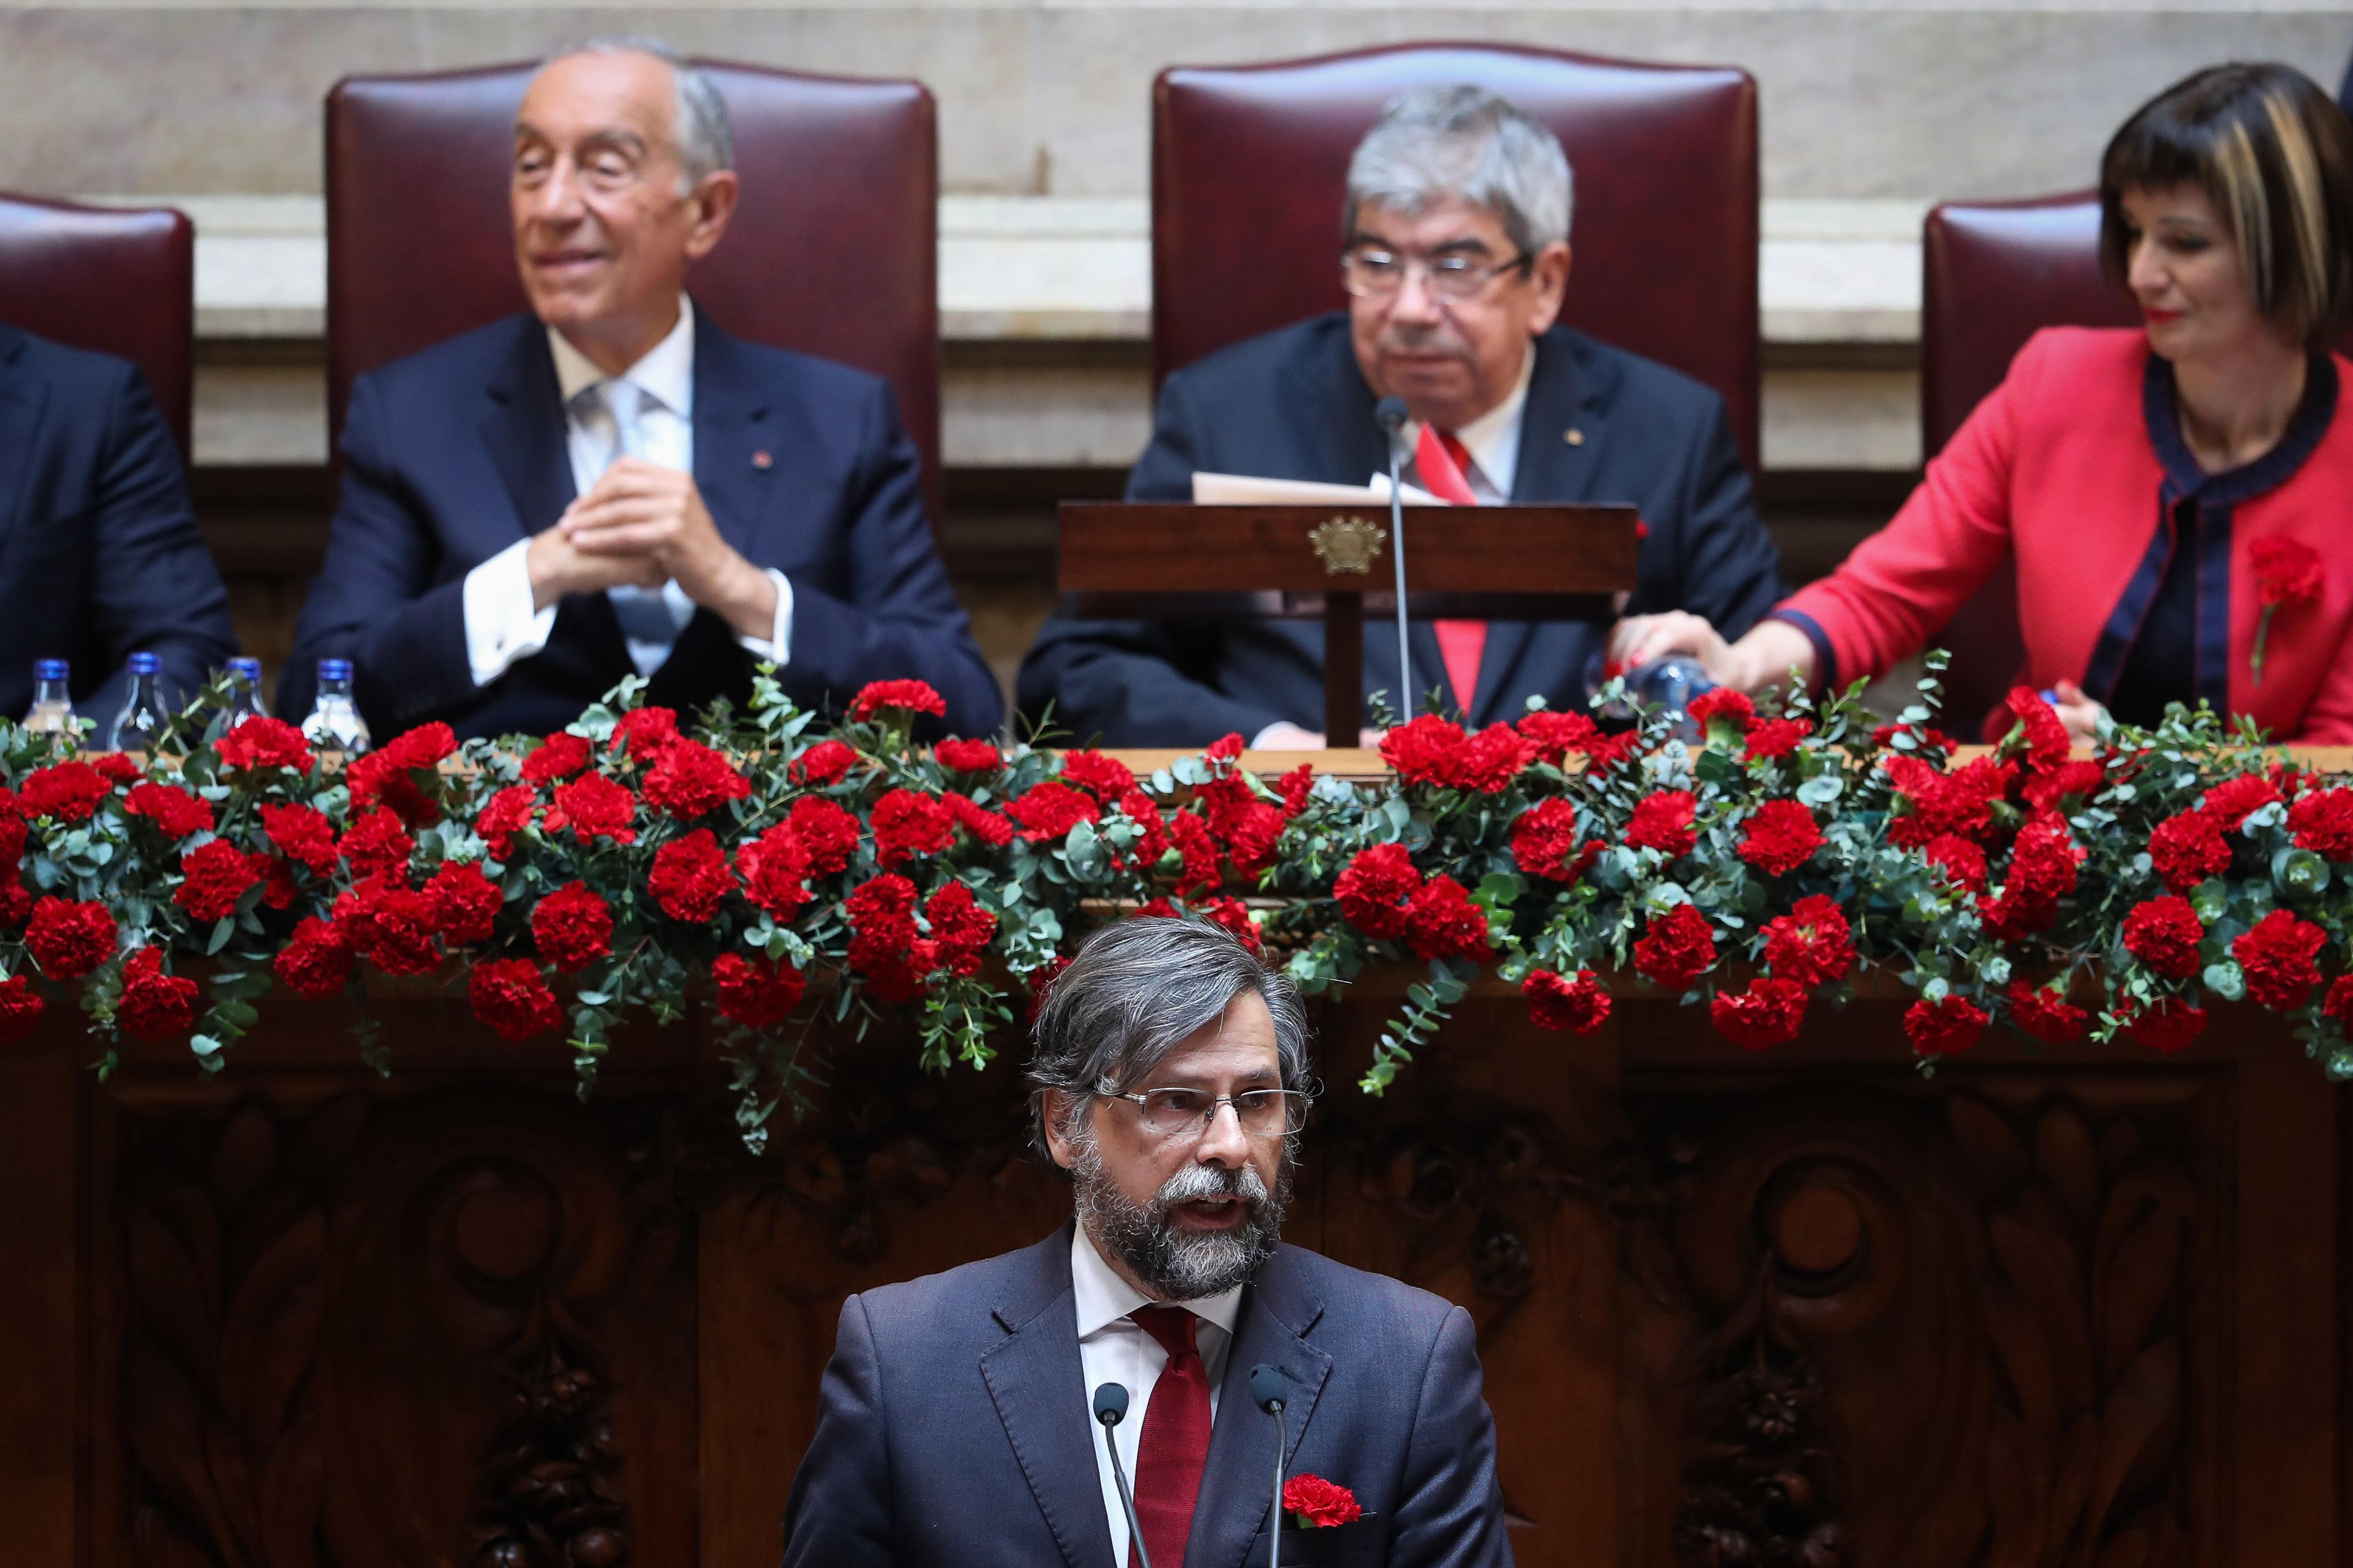 25 de Abril: PSD avisa que portugueses repudiarão clubismo partidário ou nepotismo